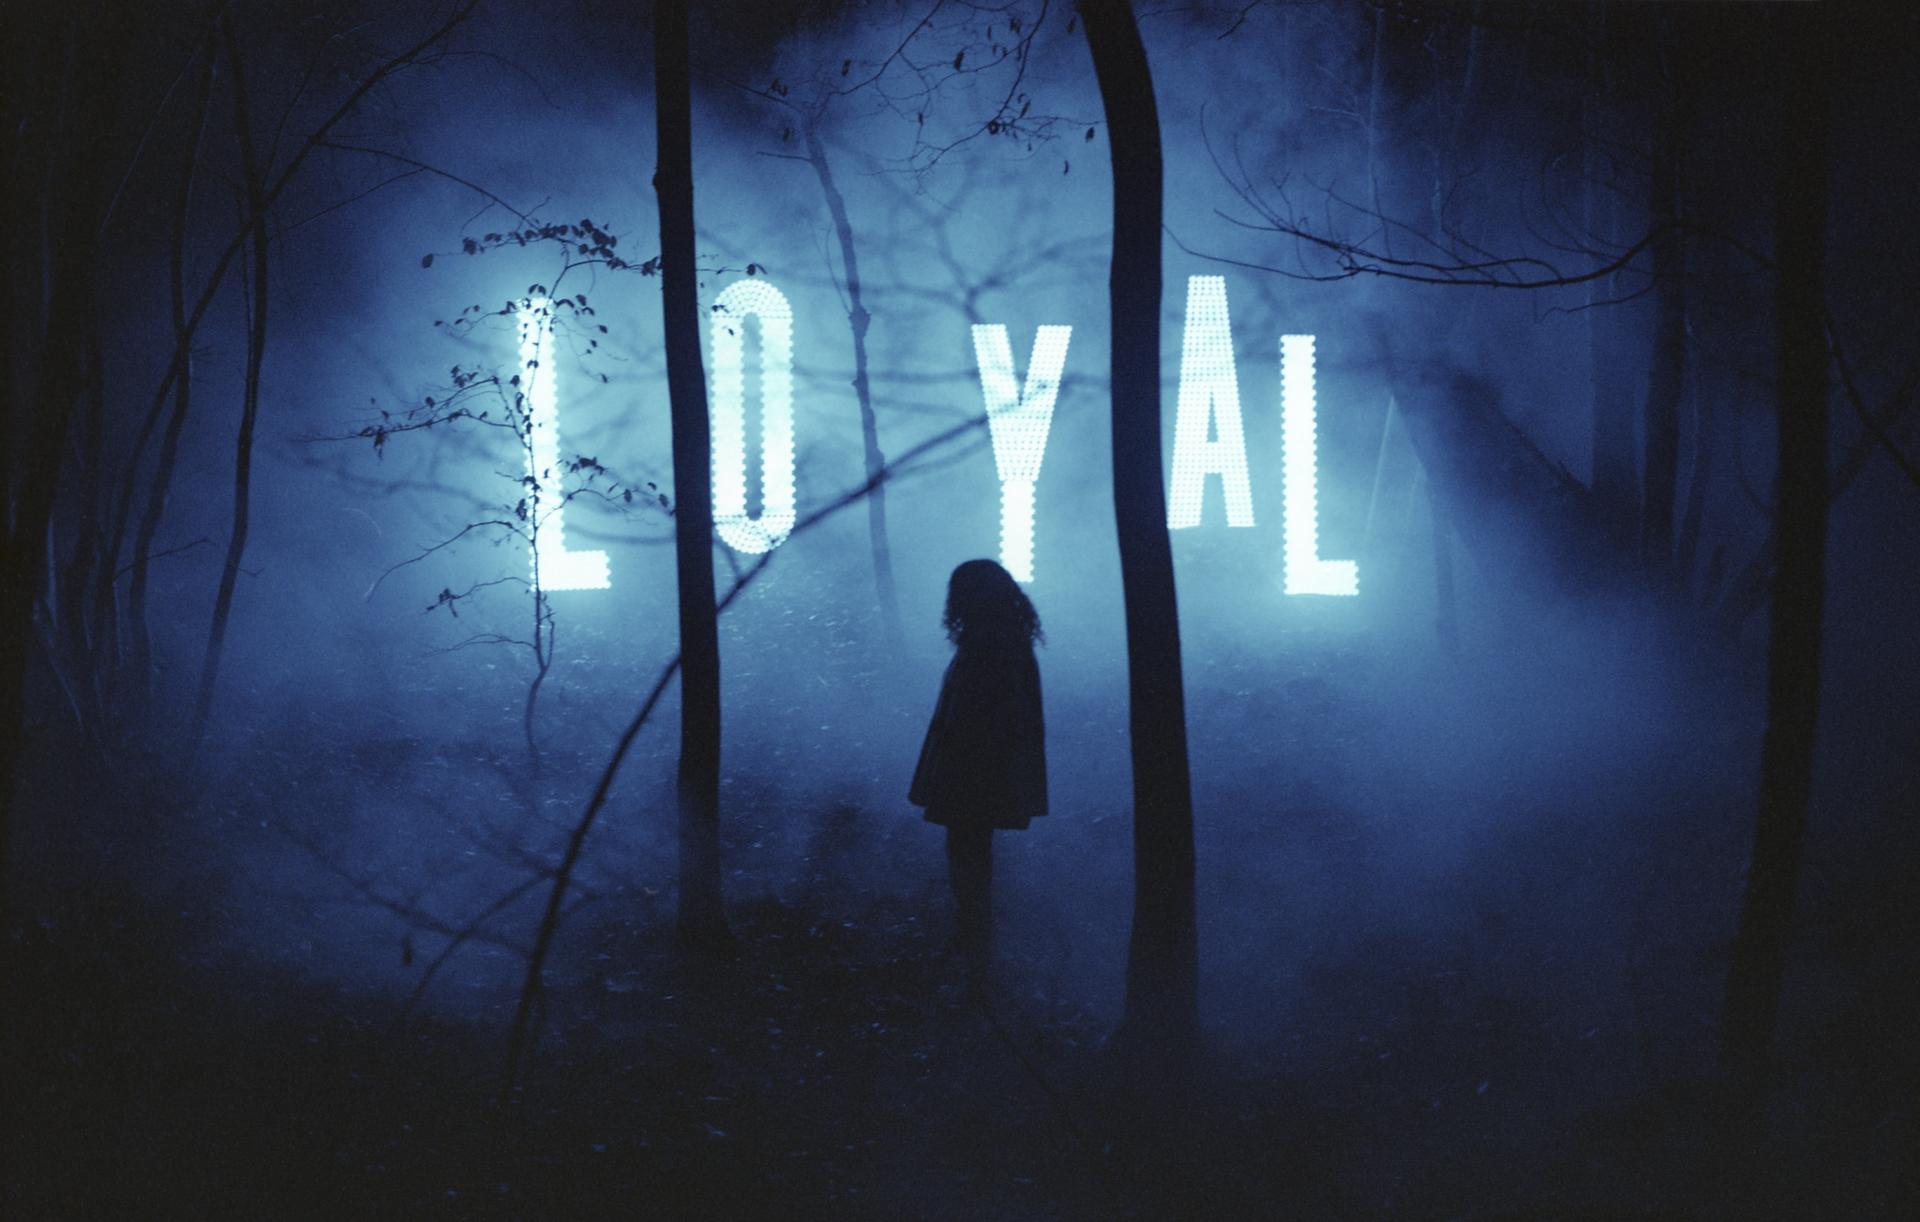 LOYAL - Everything (She)